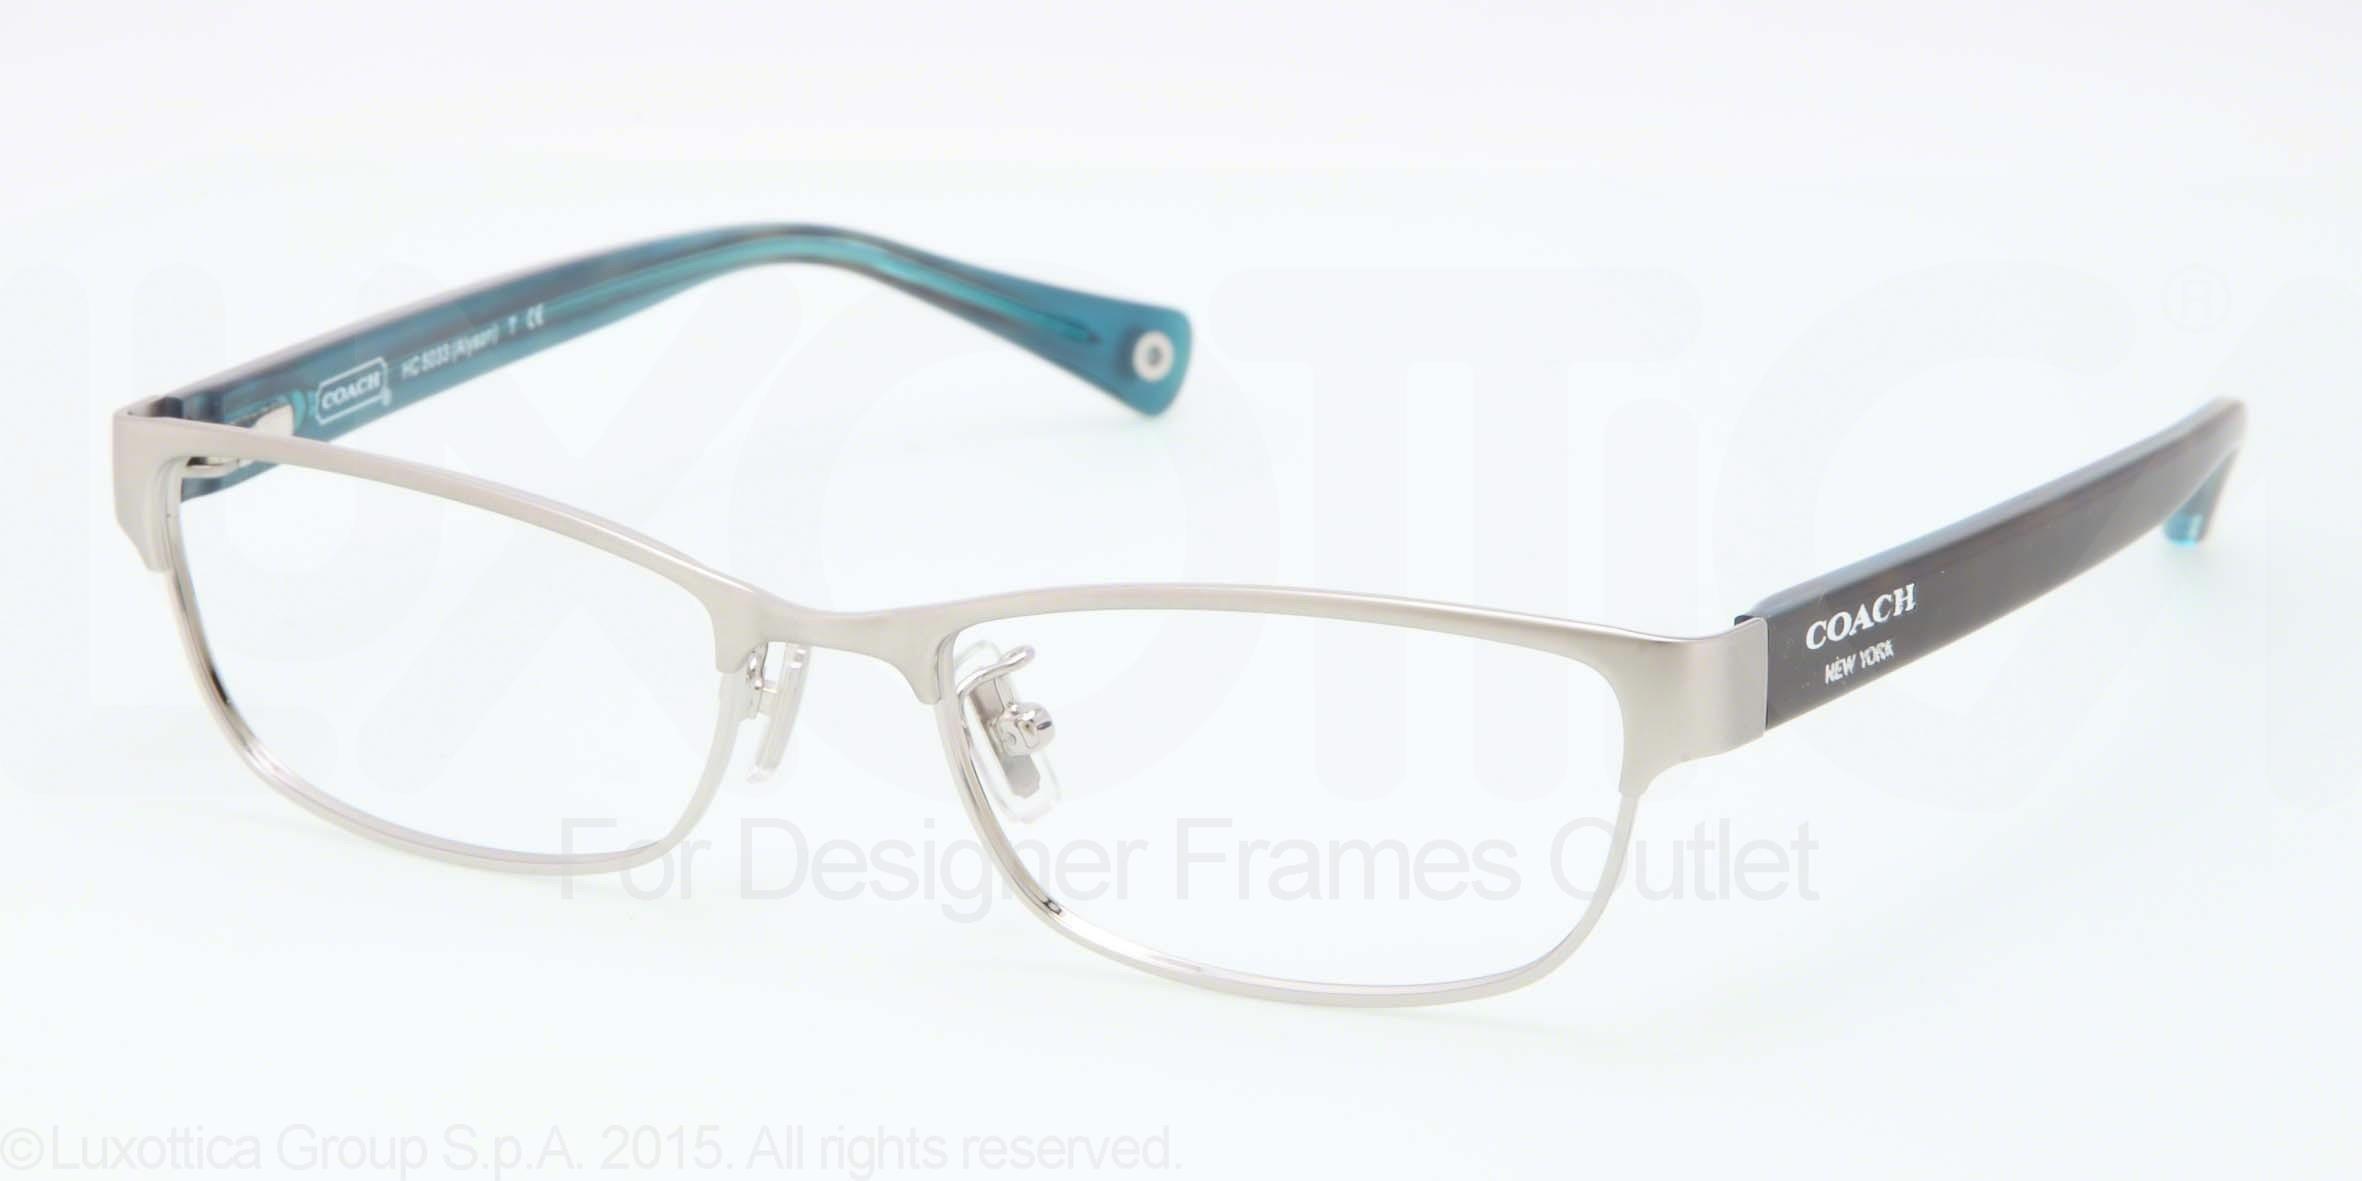 bb4b56ed8c8 ... cheapest designer frames outlet. coach eyeglasses hc 5033 68c12 6b6b0